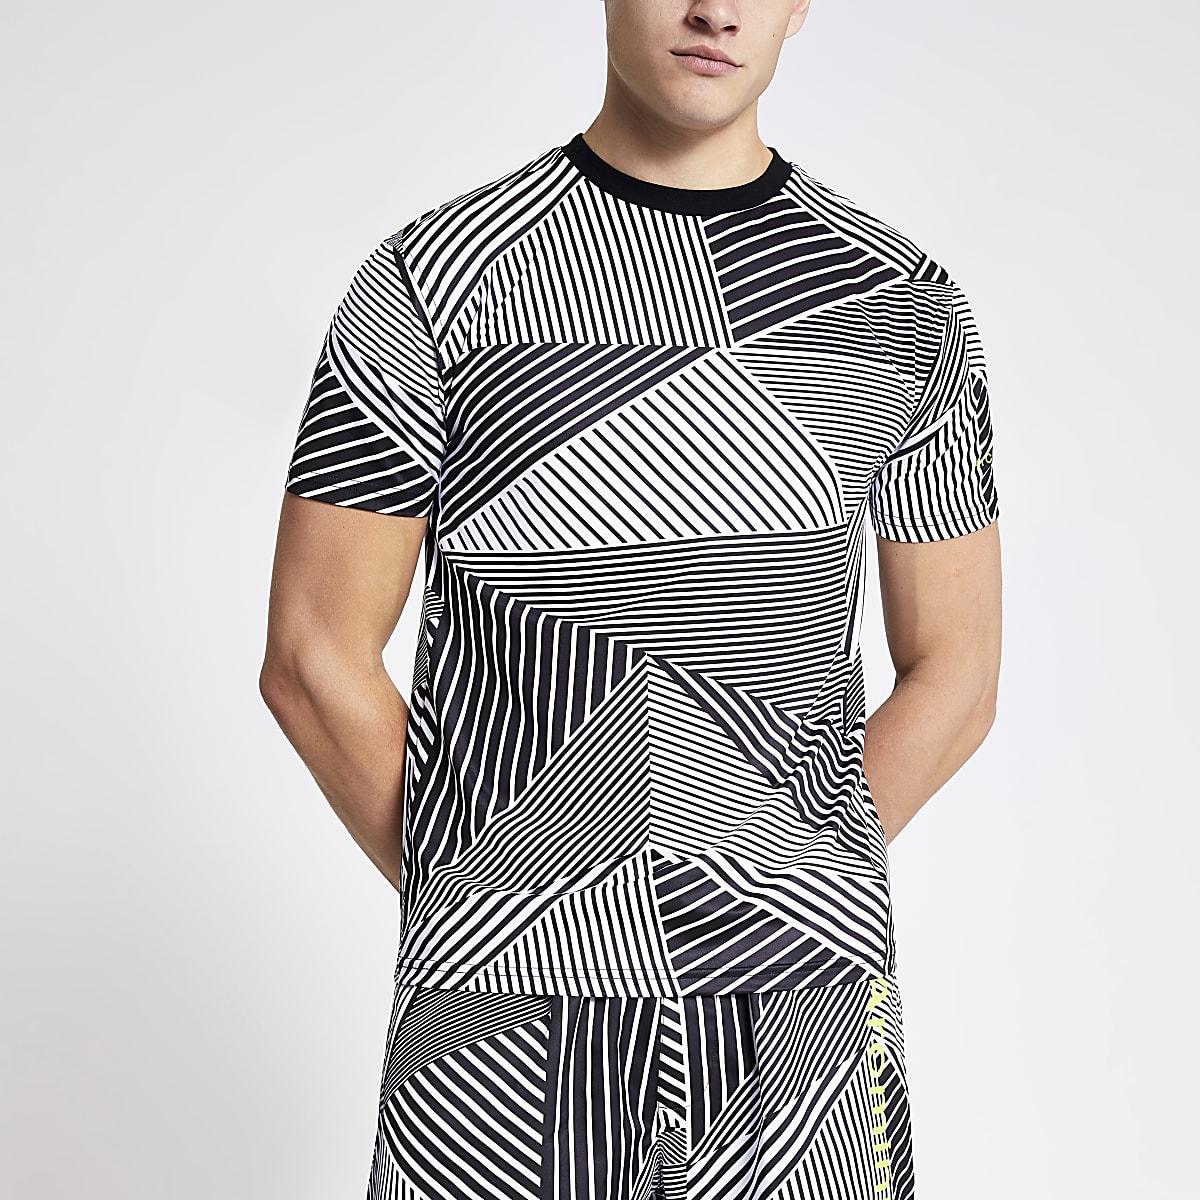 Arcminute – Schwarzes T-Shirt mit Geo-Print